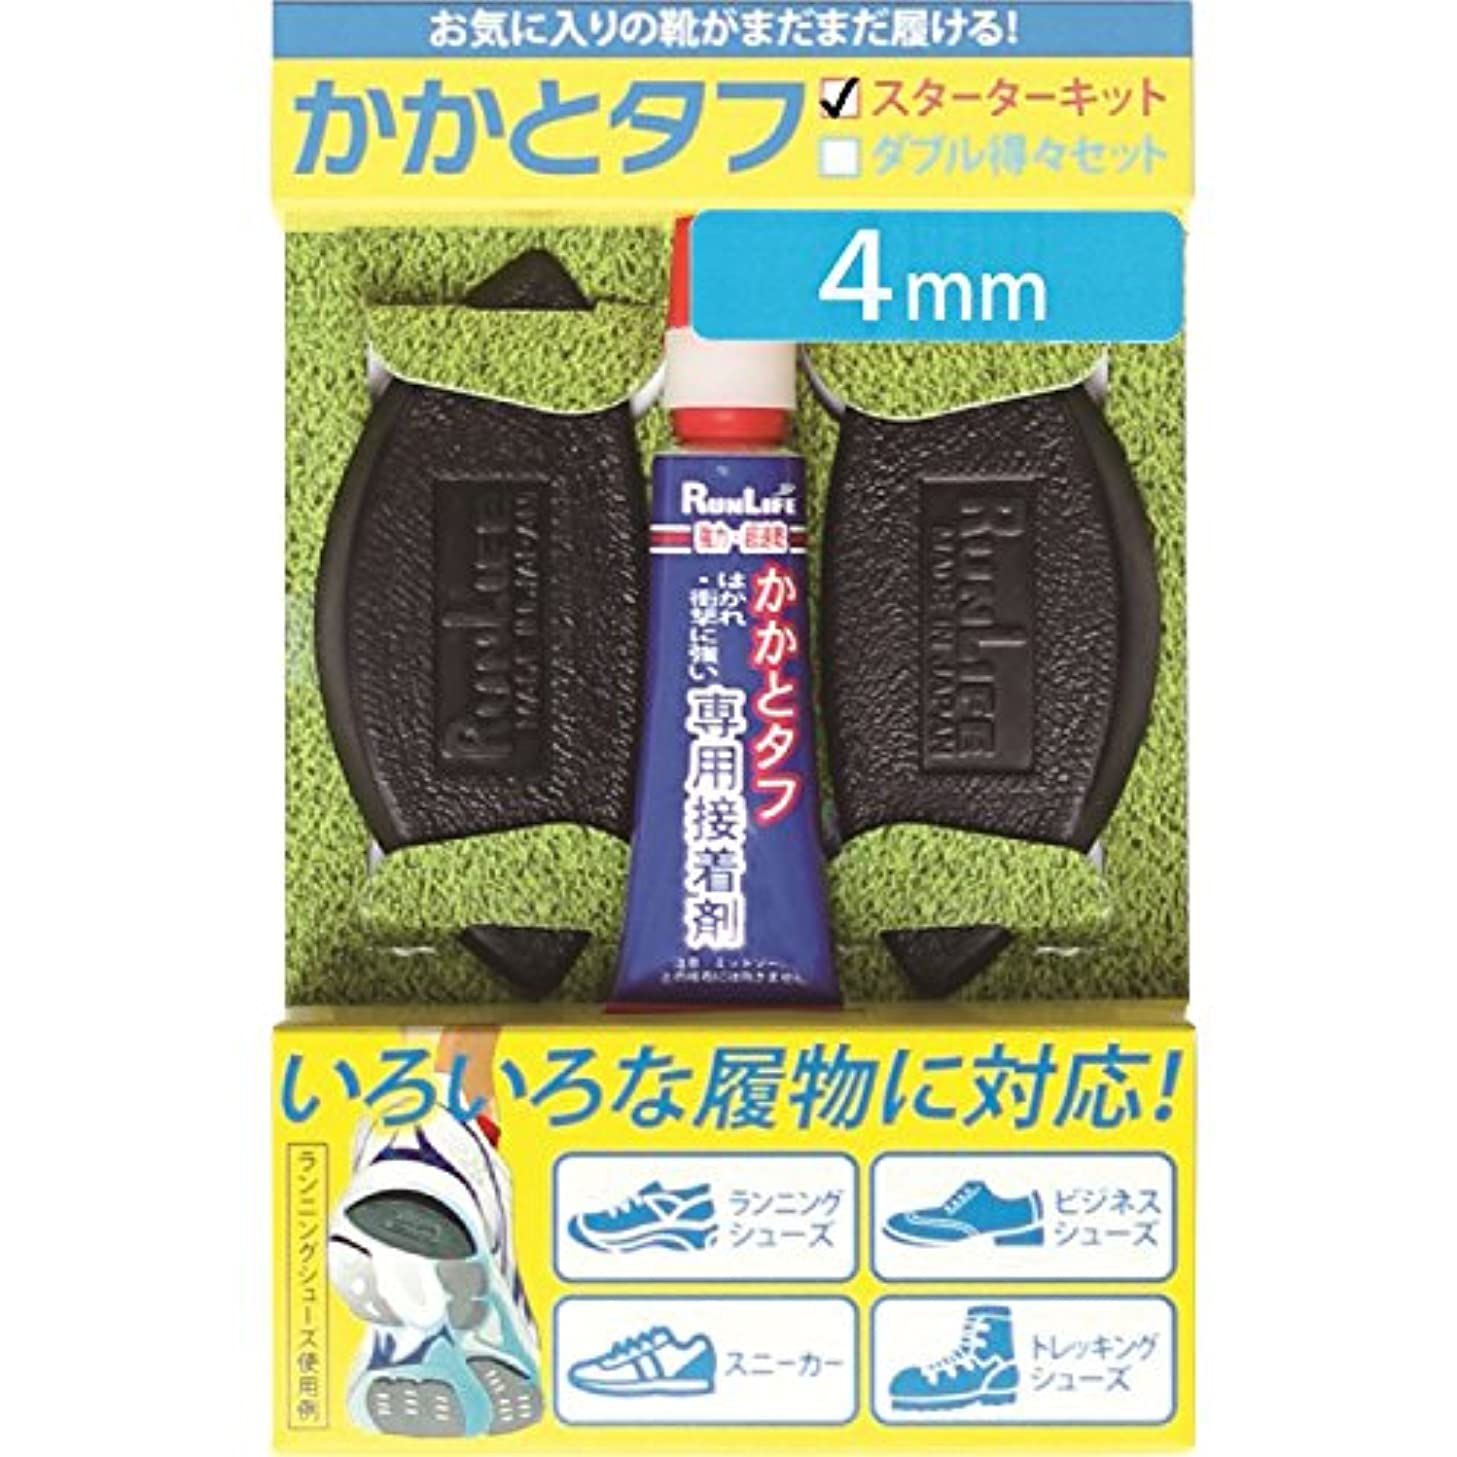 贅沢な高速道路ボタンRunLife(ランライフ) 靴修理 シューズ補修材『 かかとタフ 』 4mm スターターキット SKT-4M+SG